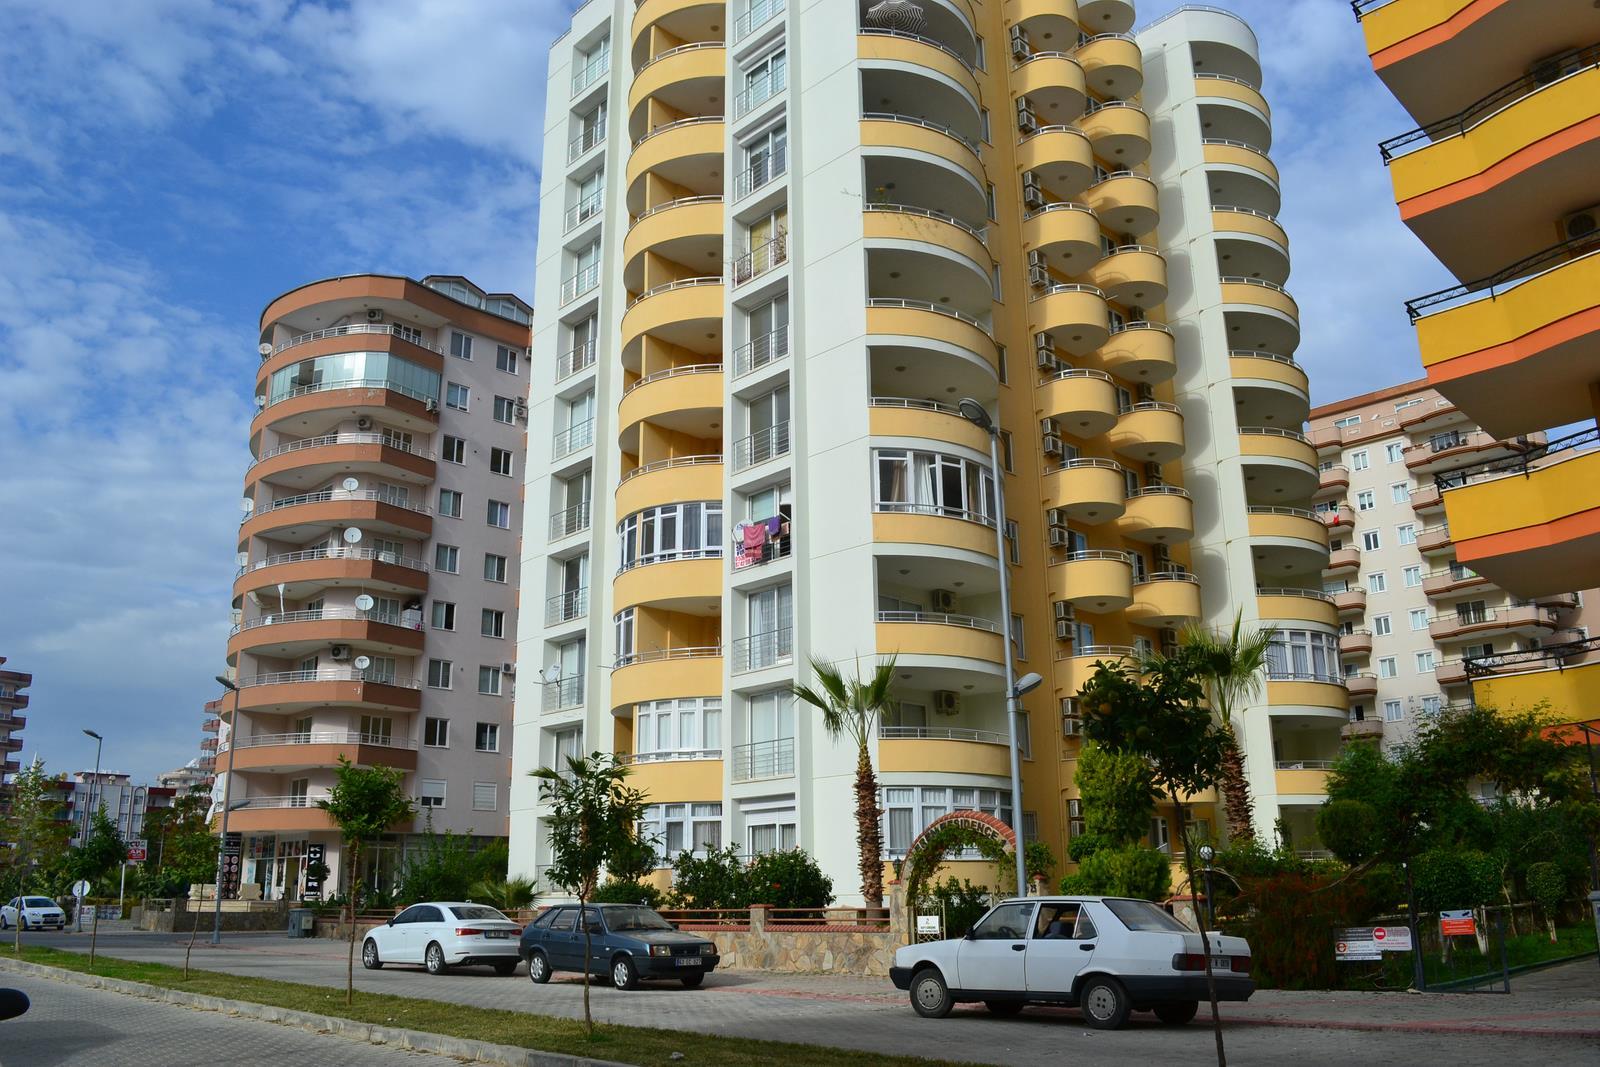 Mahmutlar tatil kasabasının merkezinde 2 + 1 daireler – Mahmutlar